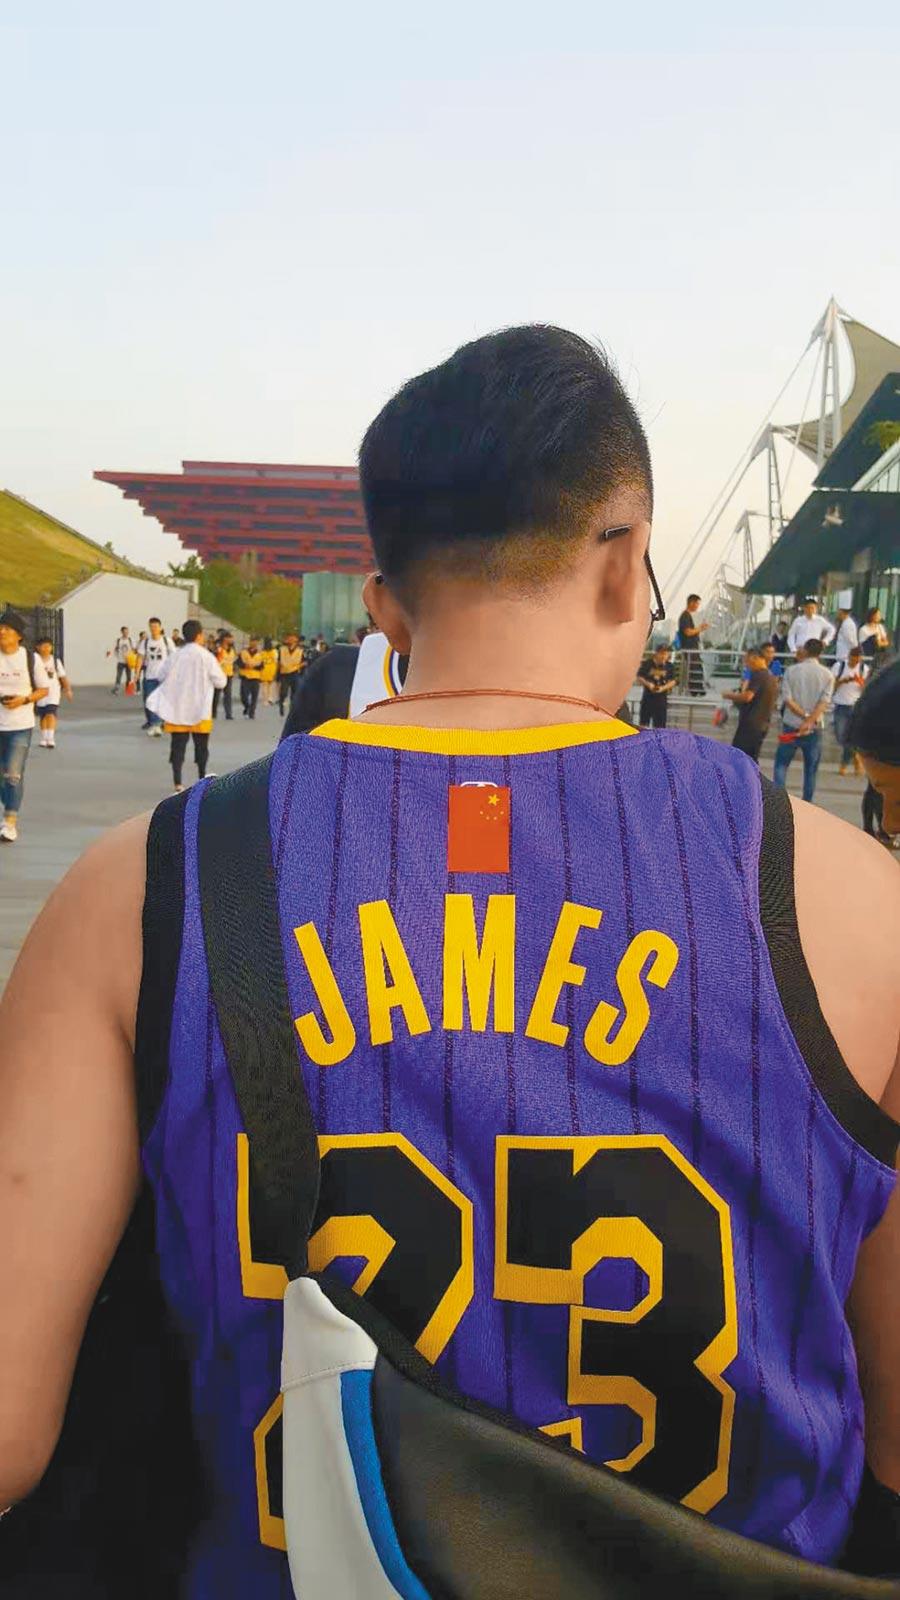 10日的NBA上海賽場外,有球迷把球衣上的NBA標誌,用五星旗貼紙蓋住。(葉文義攝)